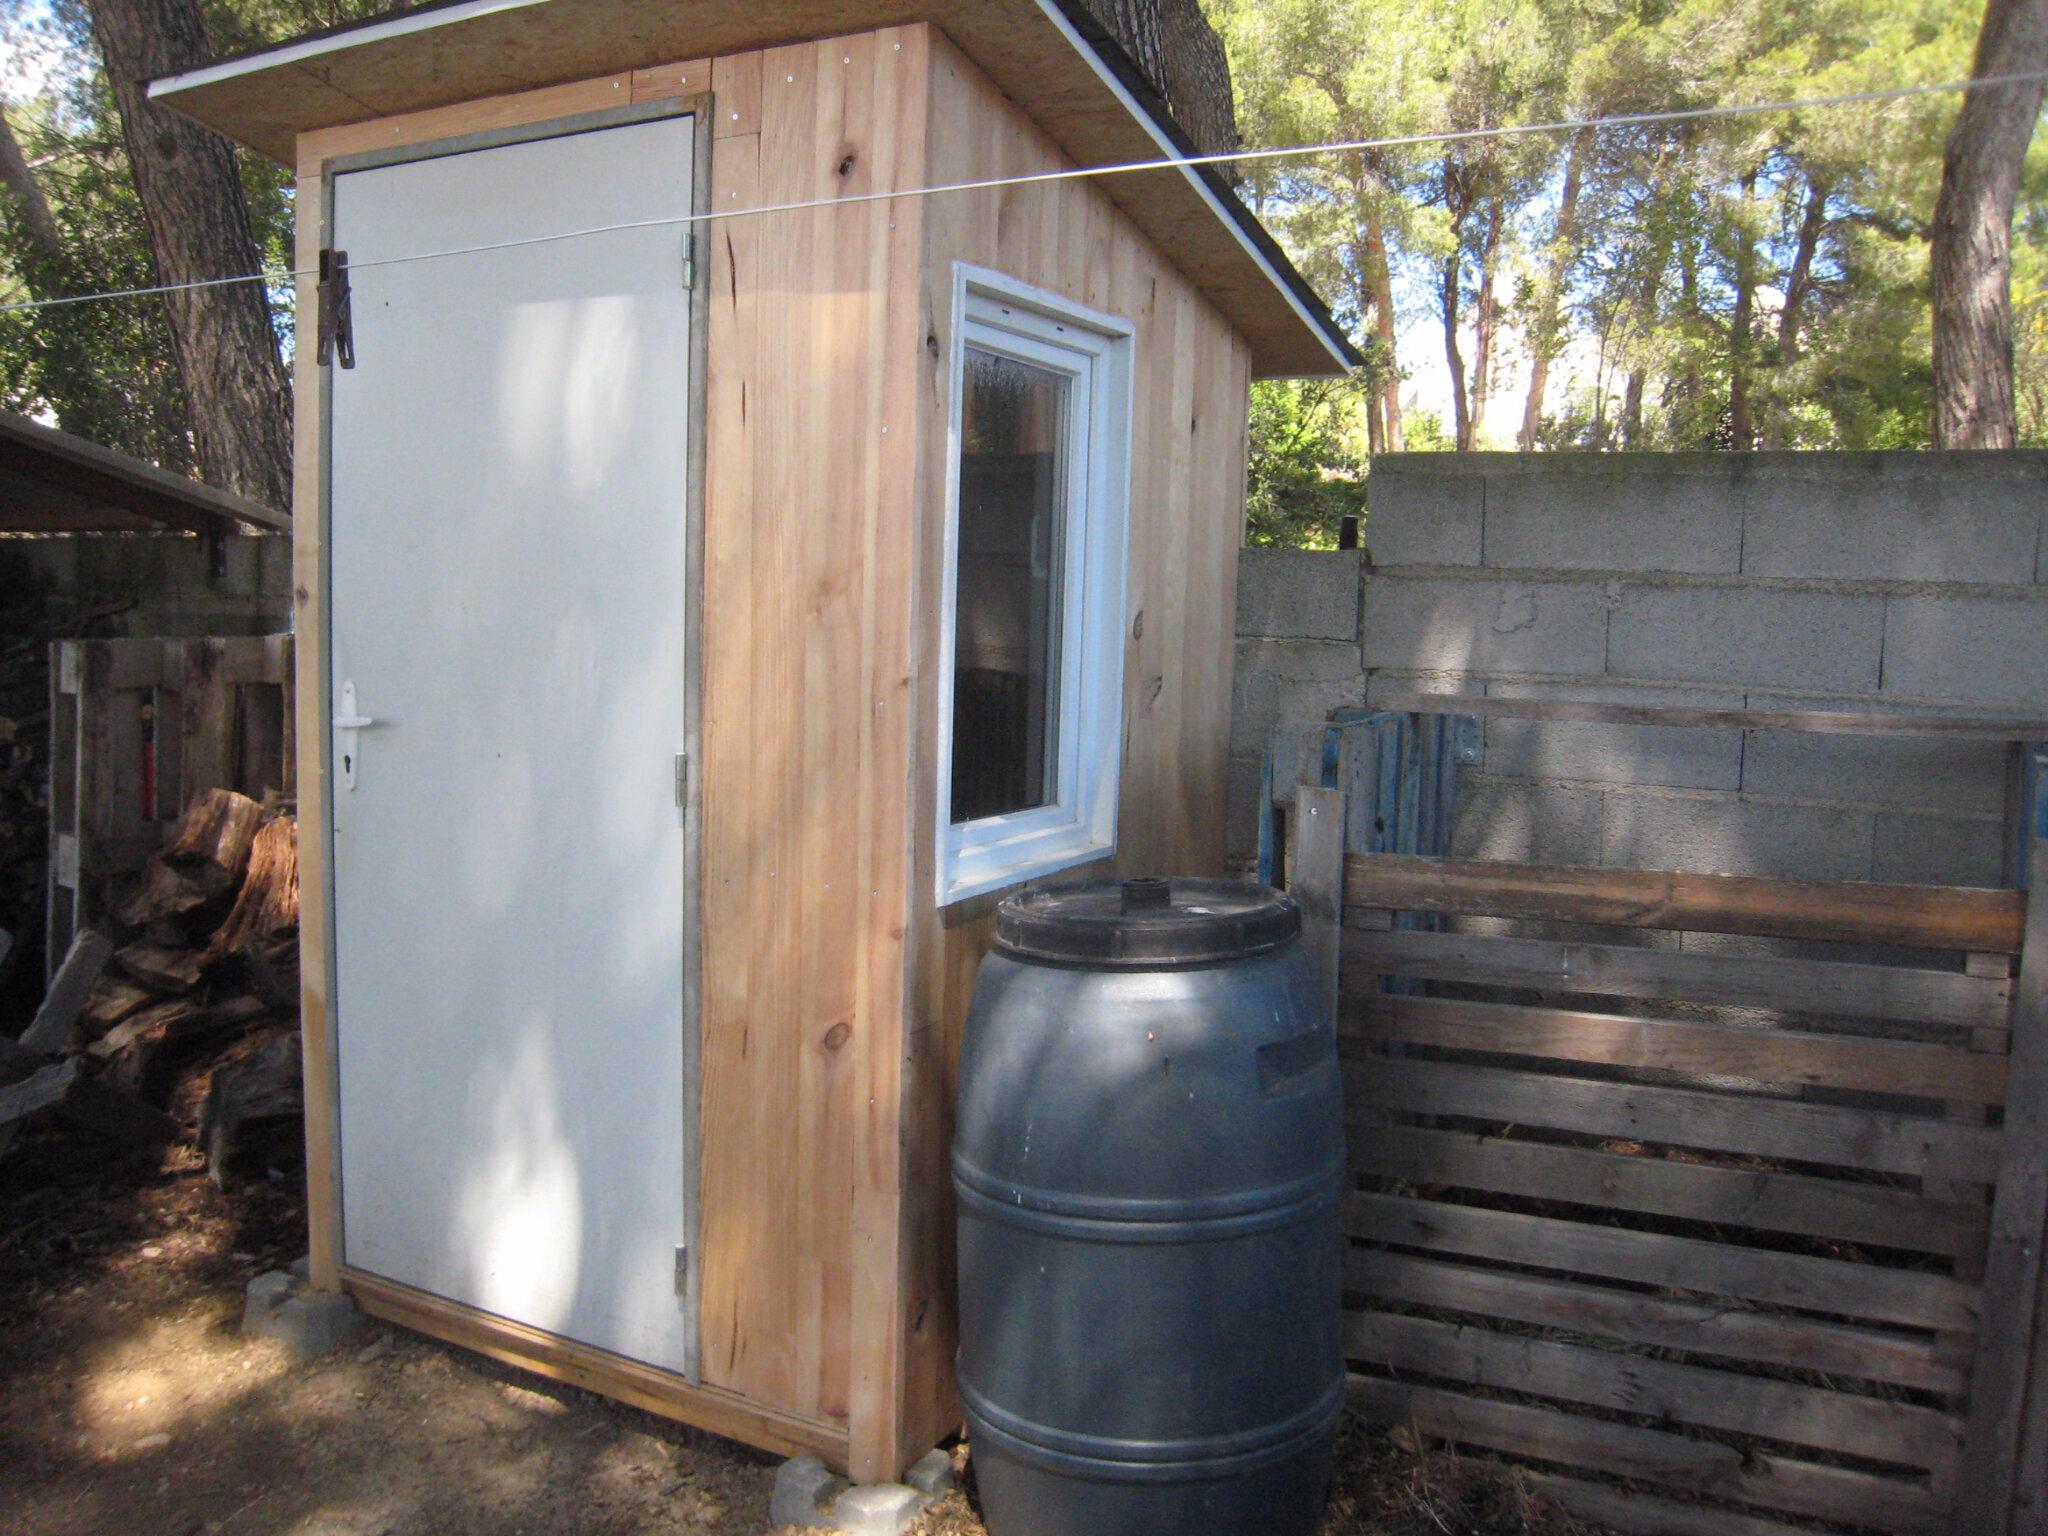 des toilettes s ches au fond du jardin cr ations et bricolages d 39 oli. Black Bedroom Furniture Sets. Home Design Ideas